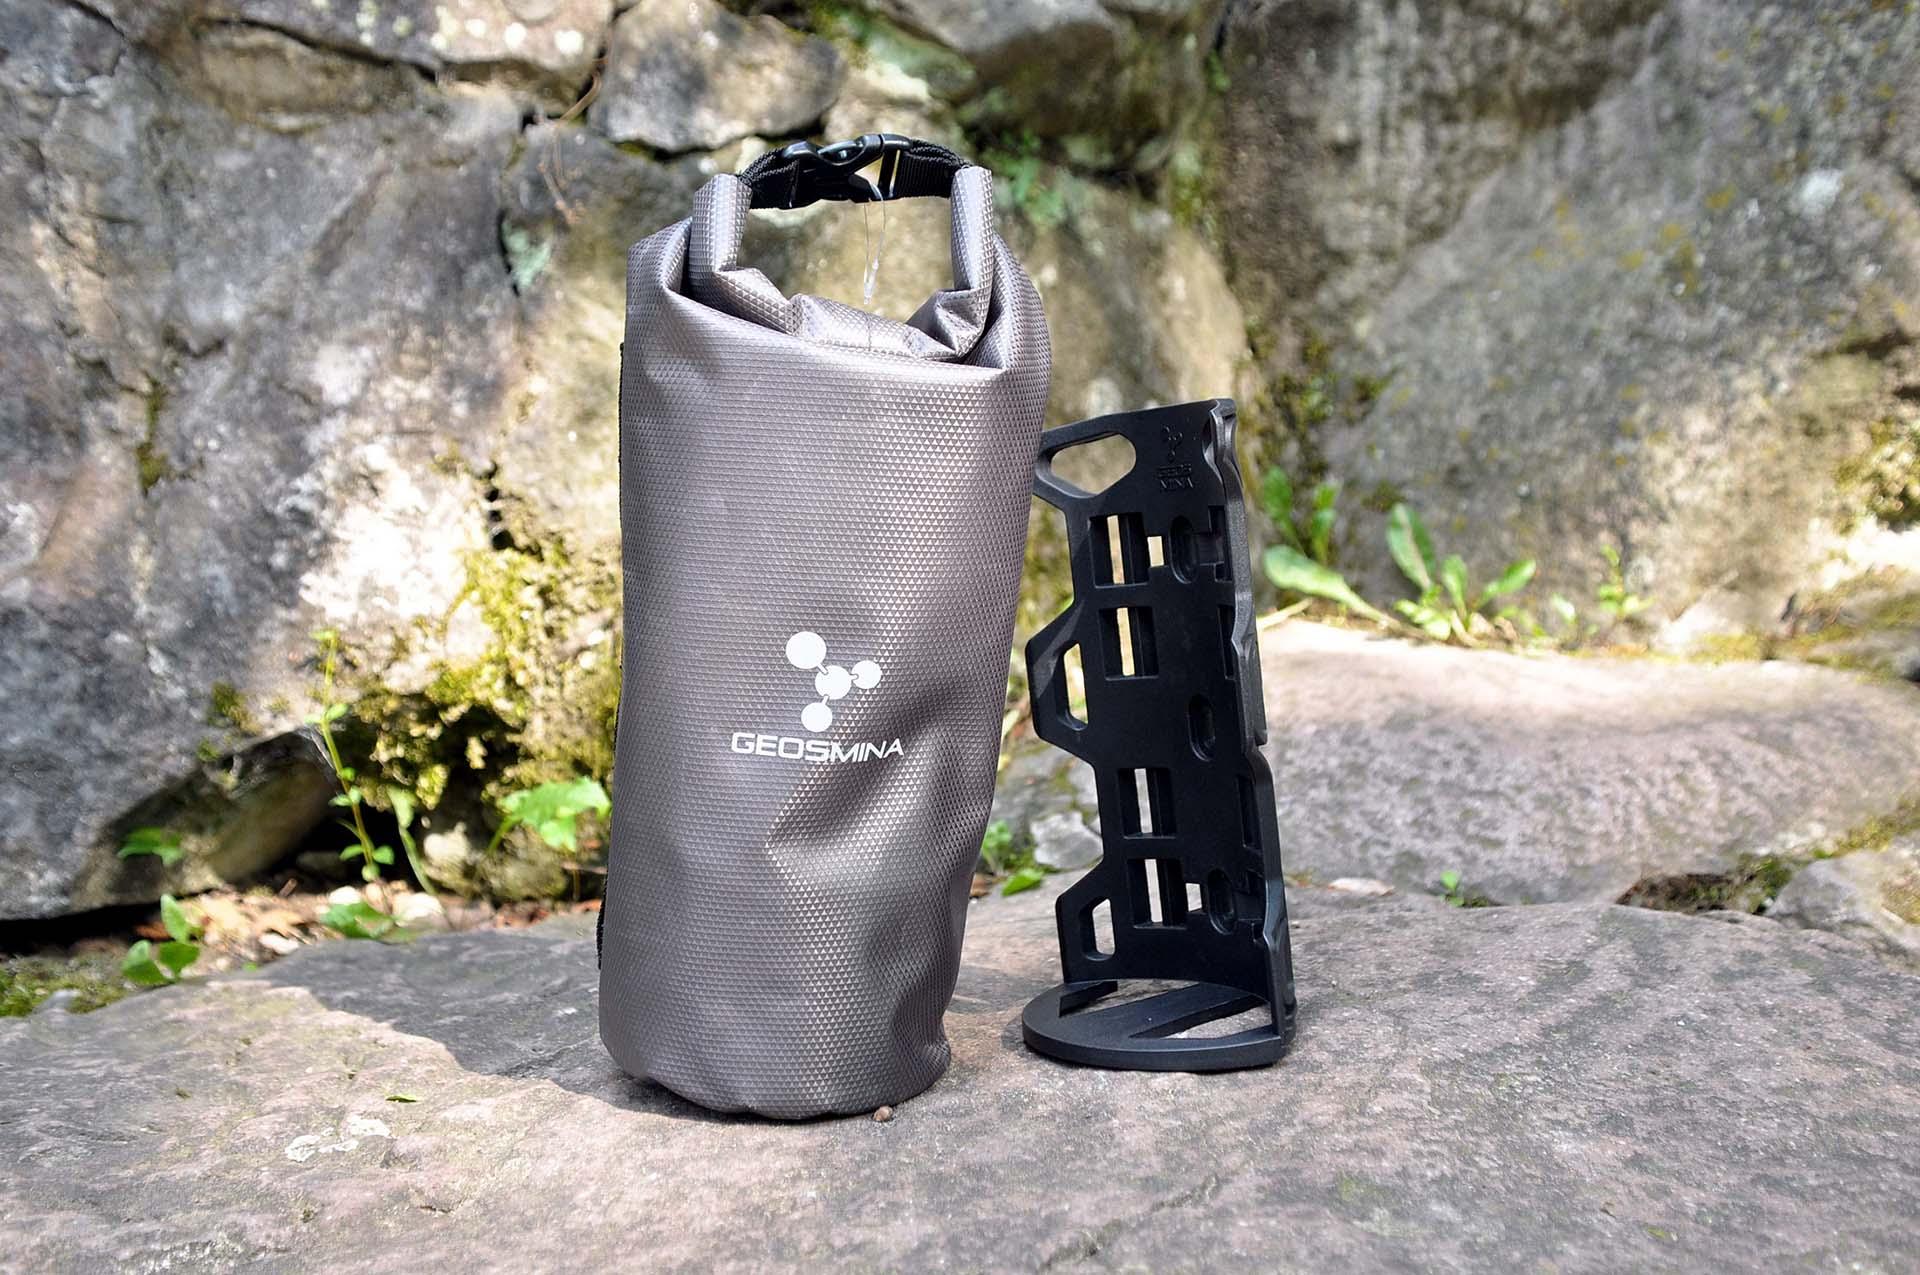 Itthon is elérhetők a Geosmina táskák-1